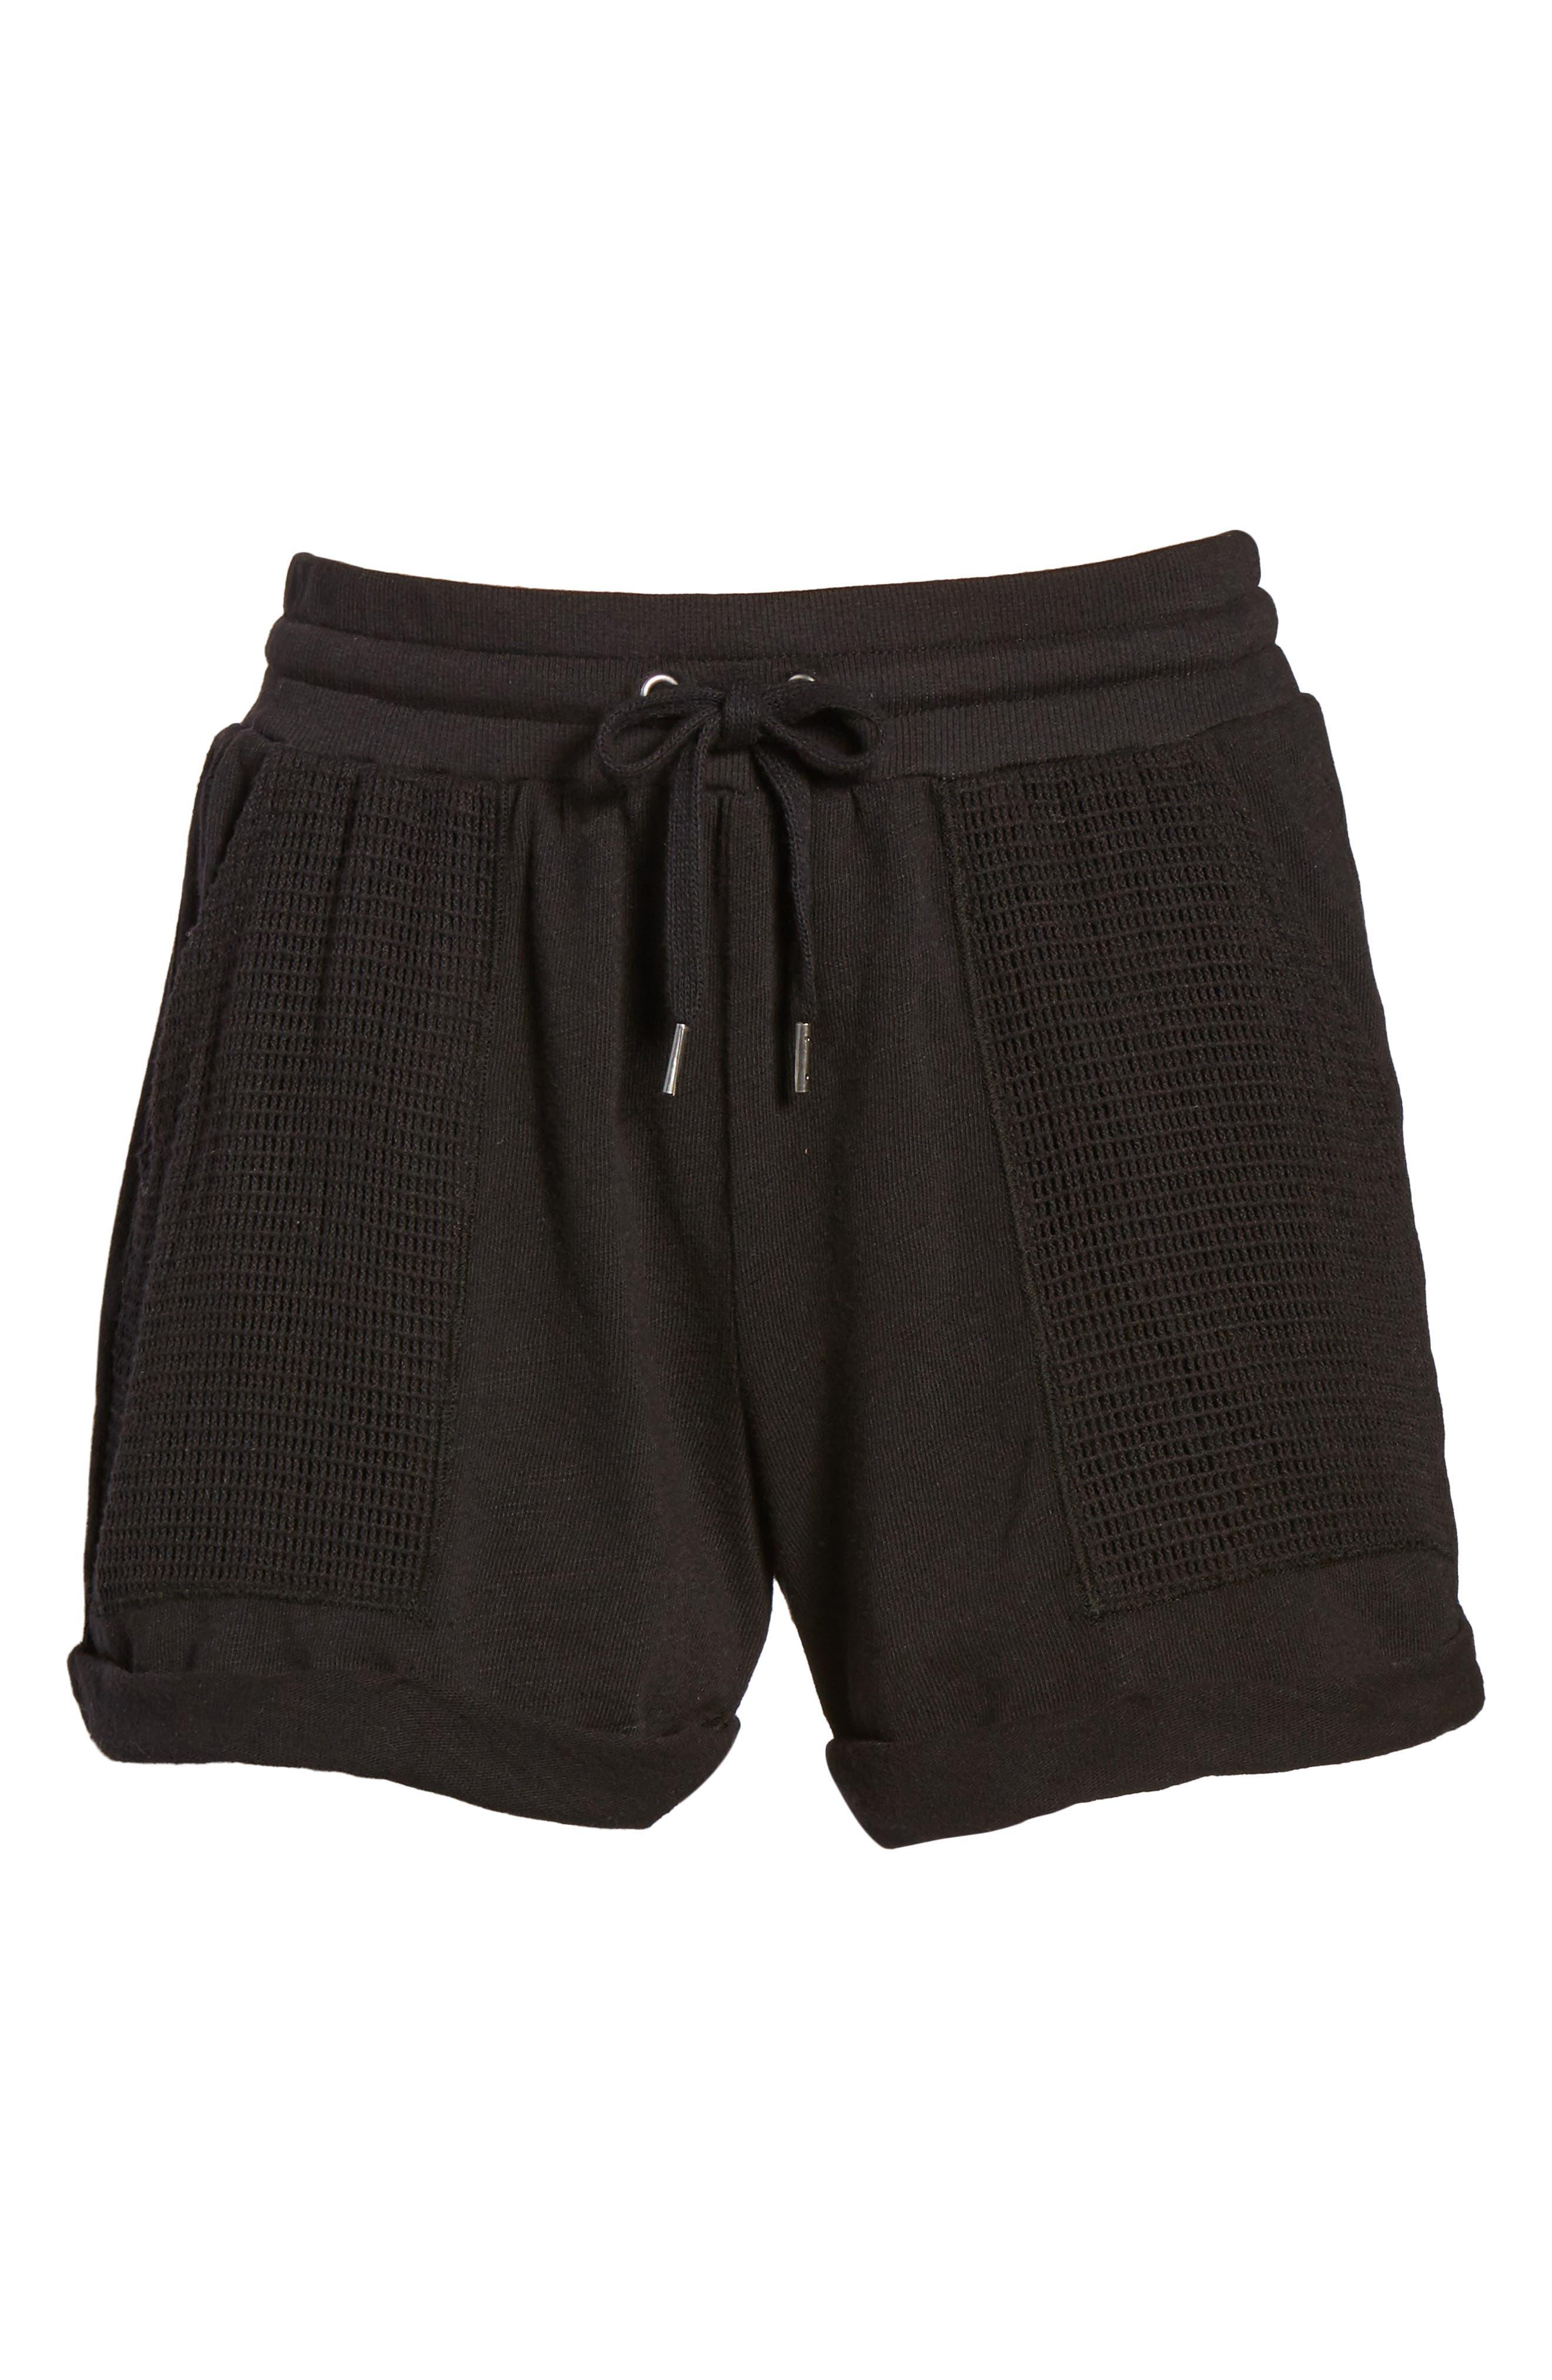 Knit Shorts,                             Alternate thumbnail 6, color,                             001